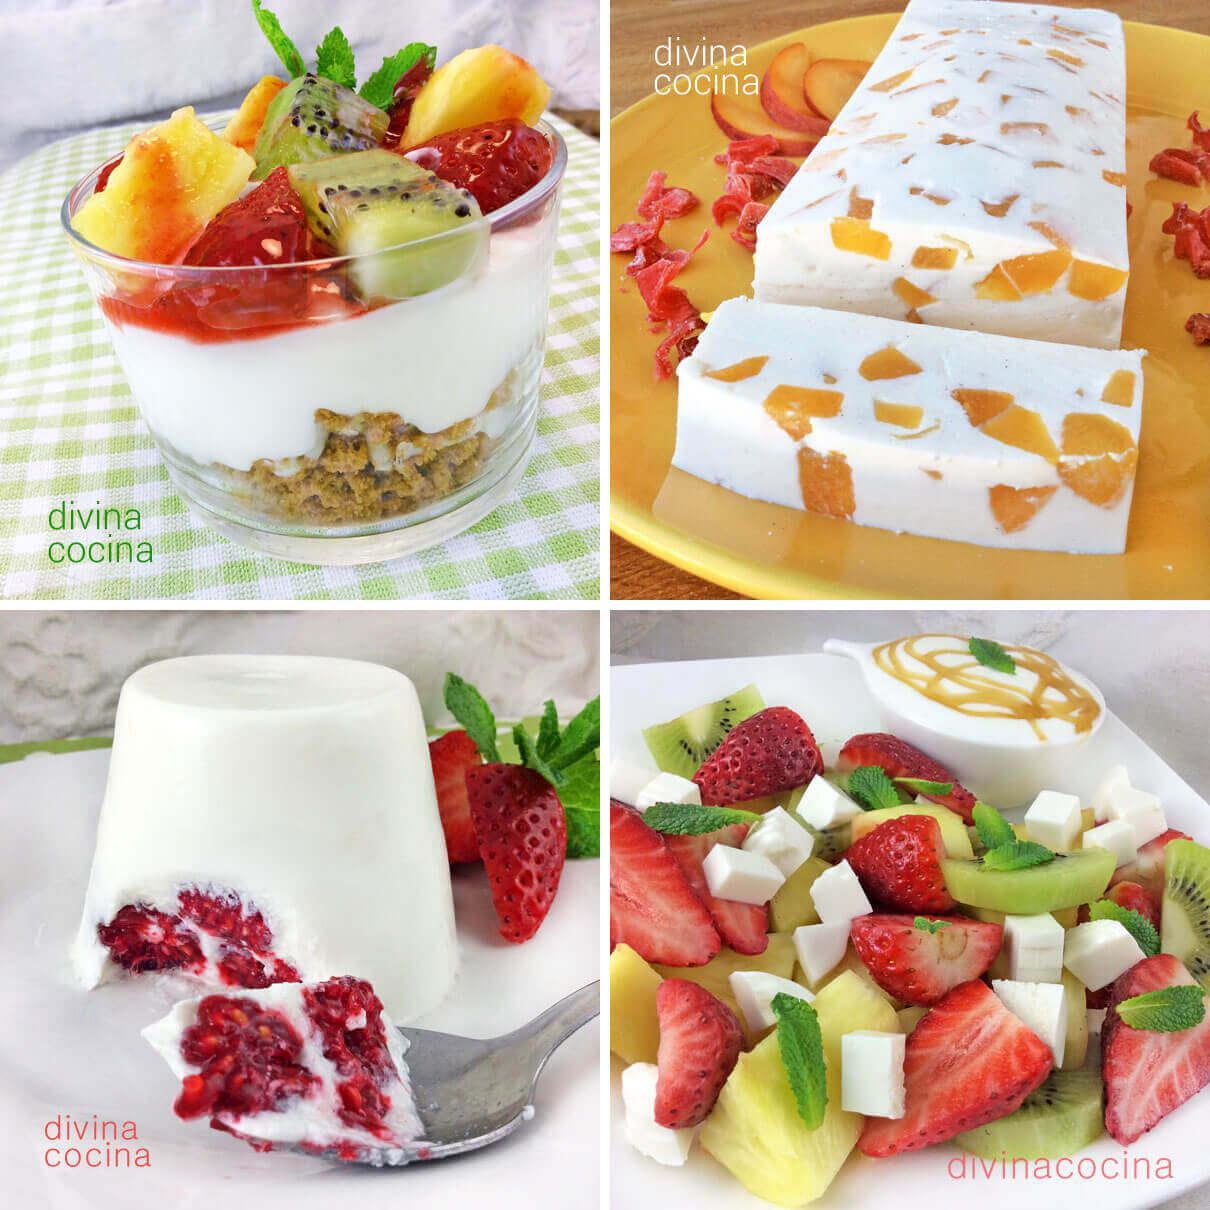 10 aperitivos f ciles para invitados y fiestas divina cocina - Postres con frutas faciles ...